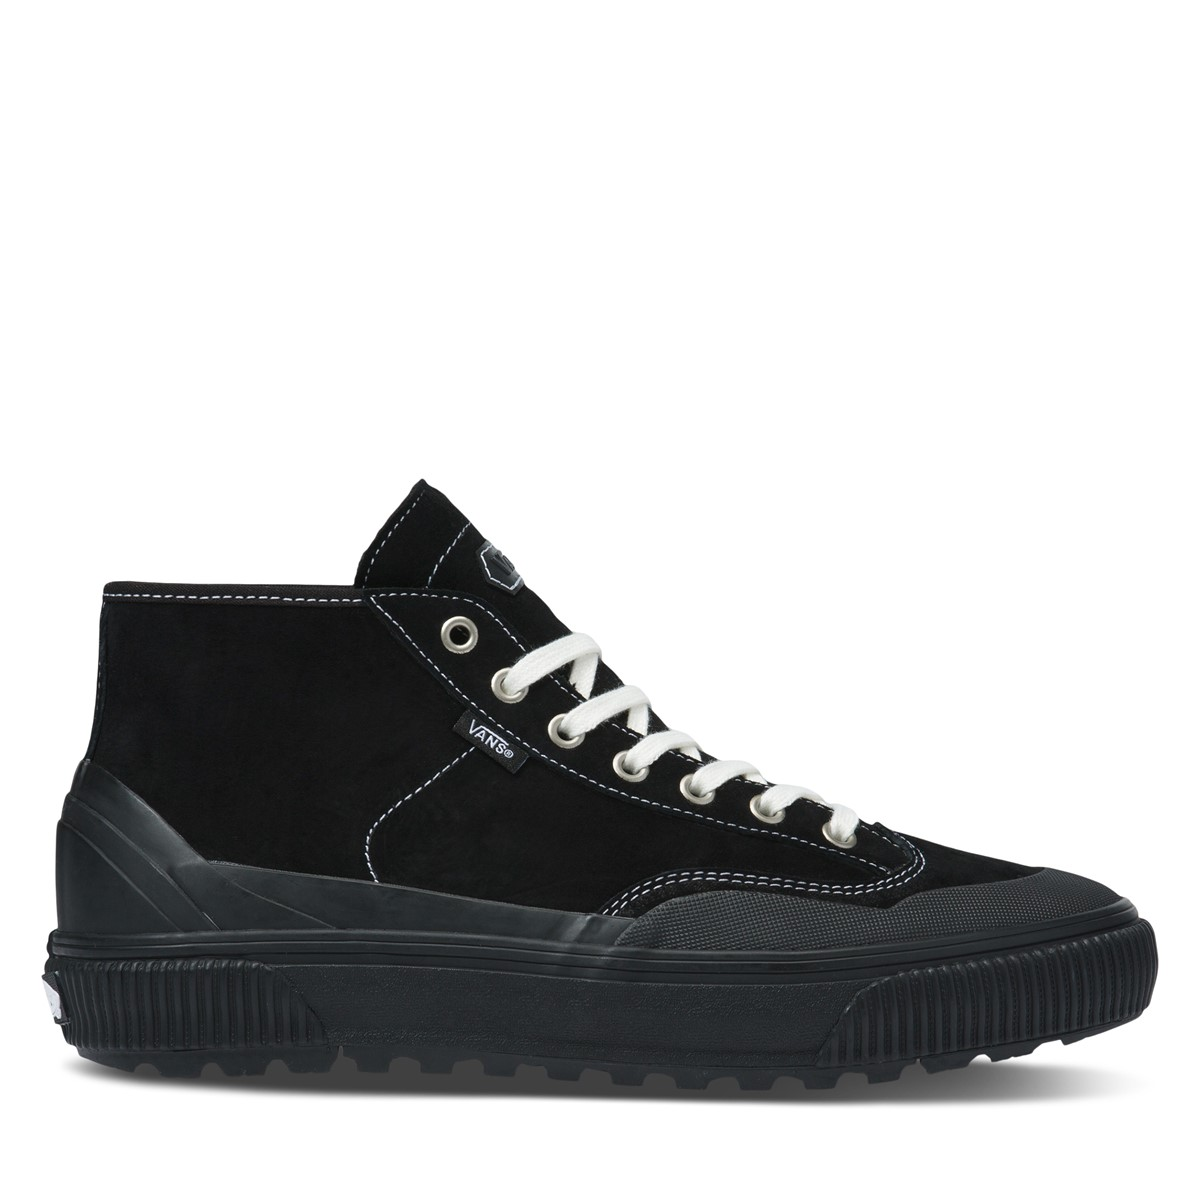 Men's Destruct Mid MTE-1 Sneaker Boots in Black